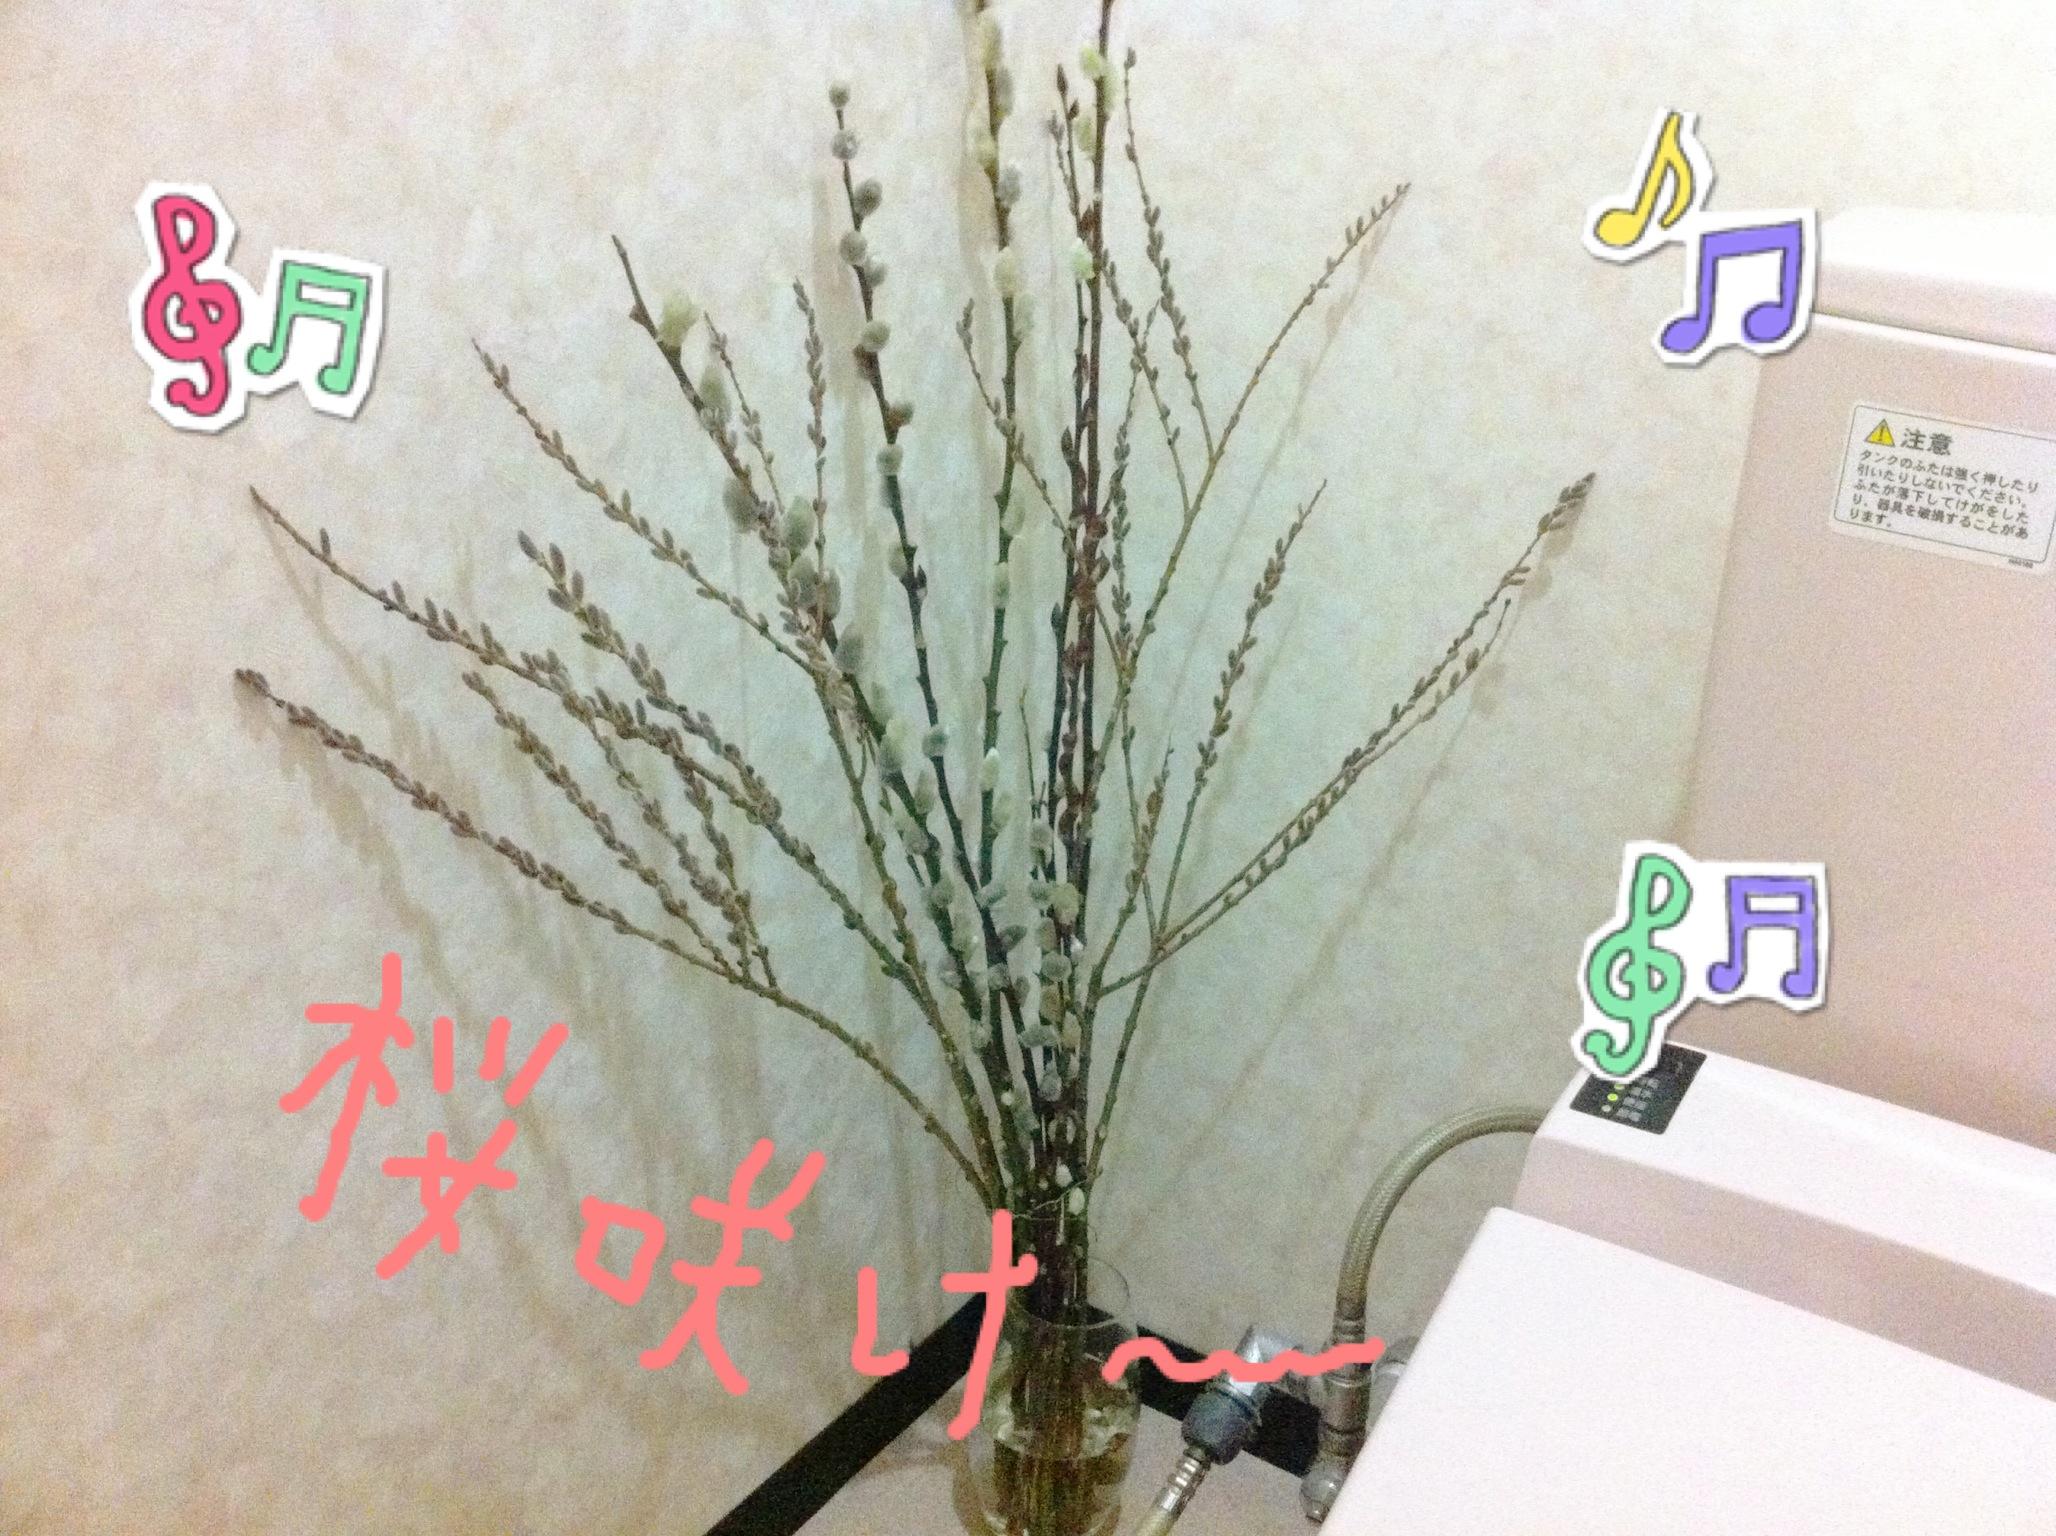 yayoihana 2.jpeg